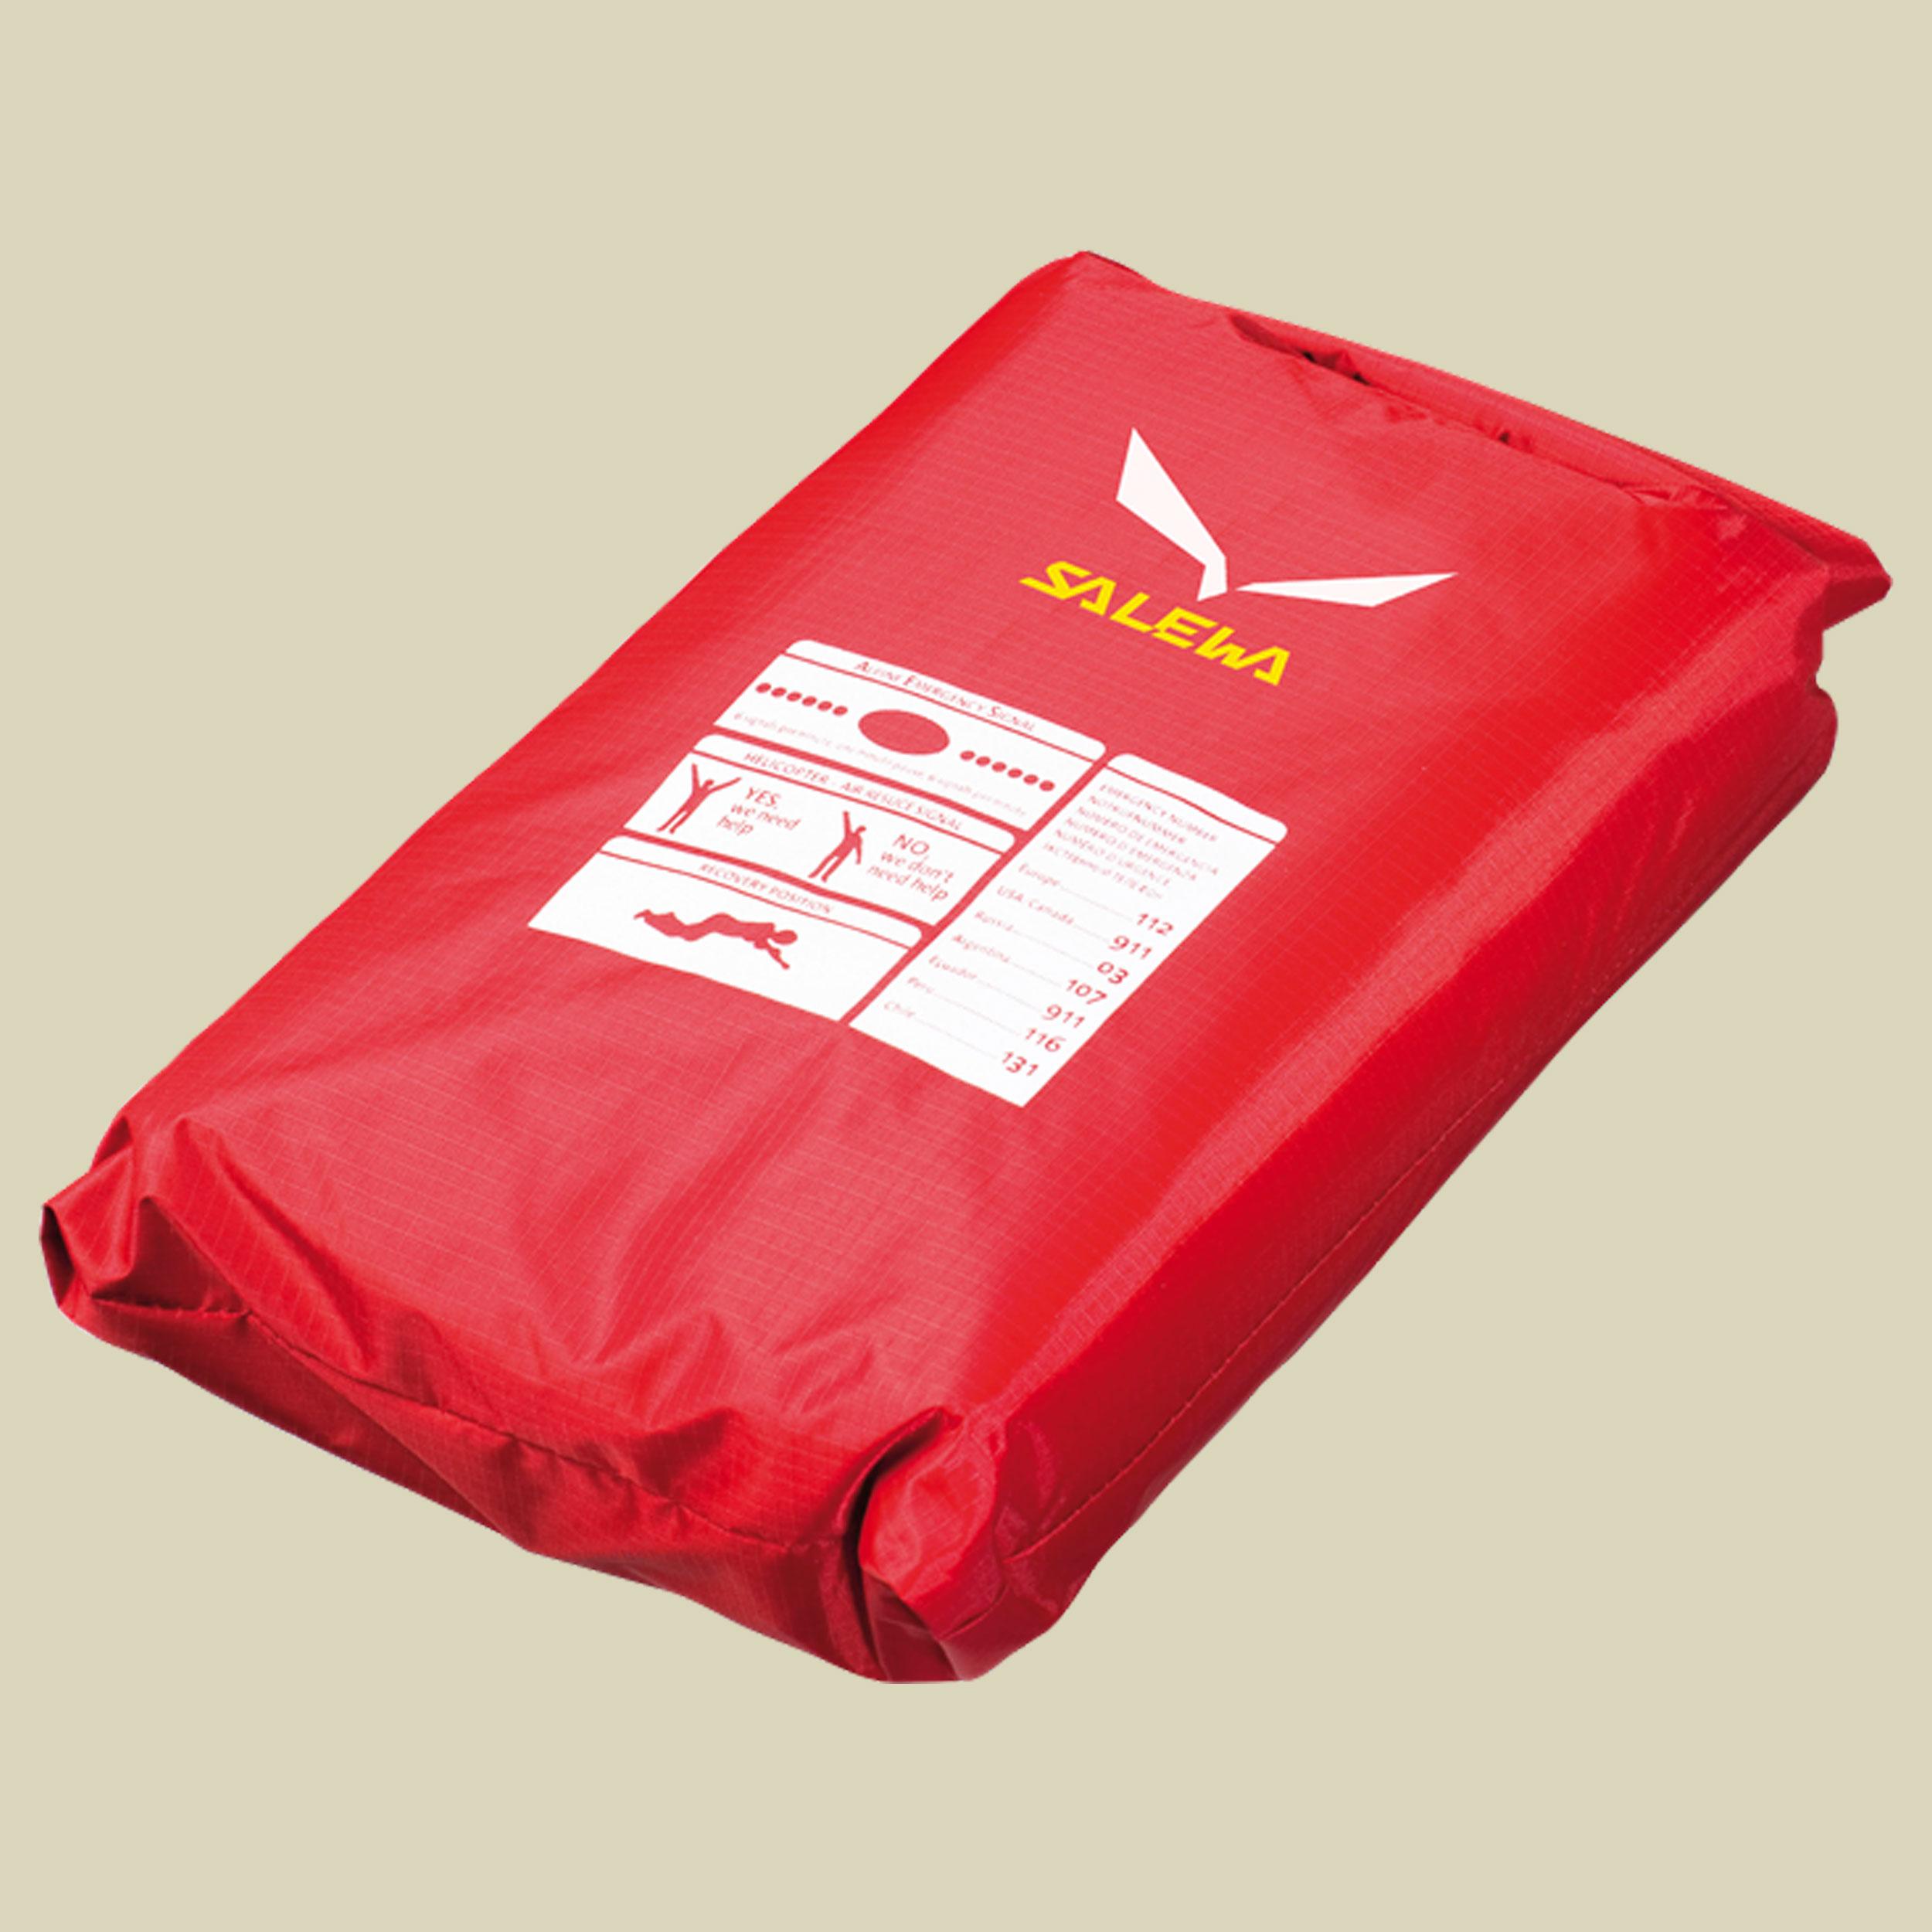 Salewa Bivibag Storm II Biwaksack für zwei Personen Größe 220 x 140 cm red-anthracite